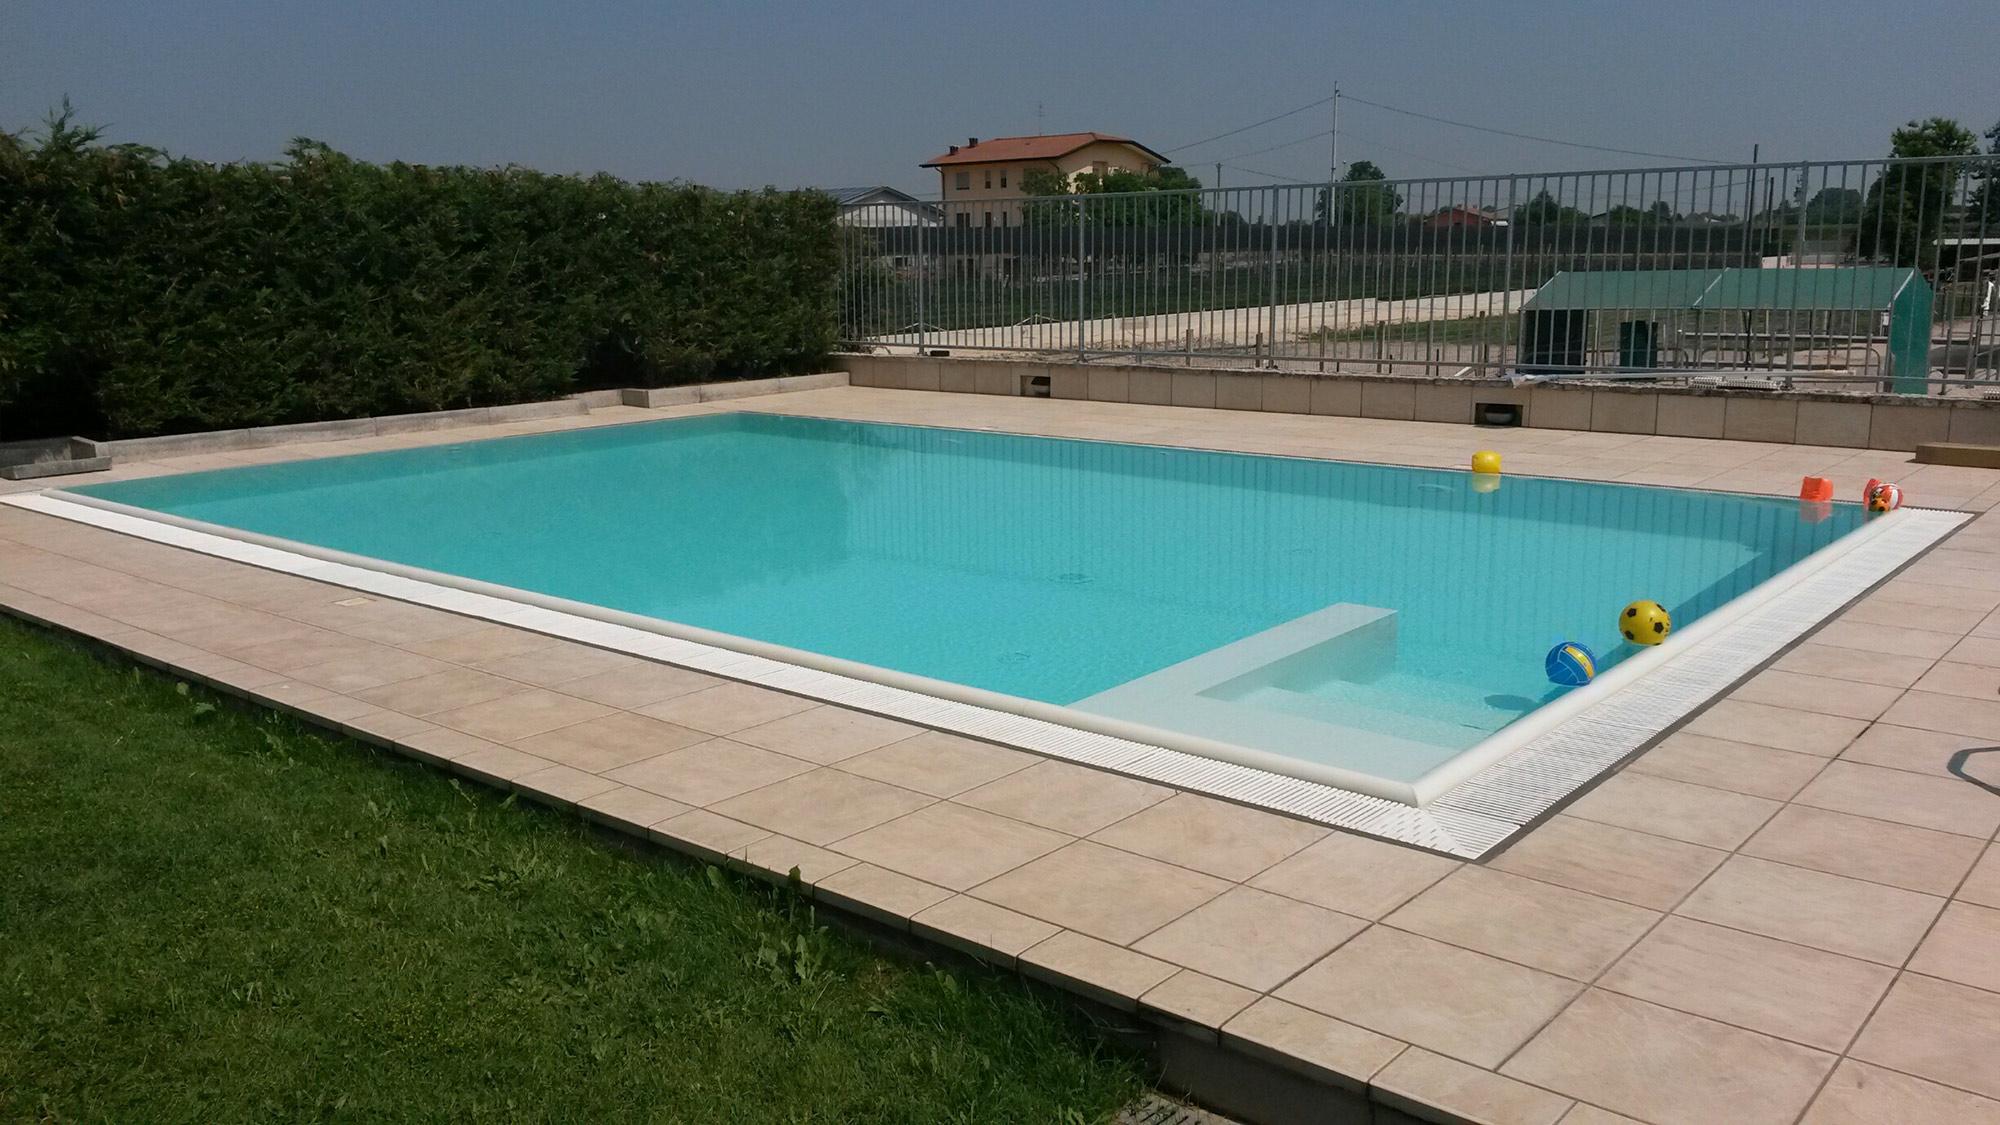 Piscine a sfioro per giardino piscine da terrazzo e giardino jacuzzi interne ed esterne - Piscine per giardino ...